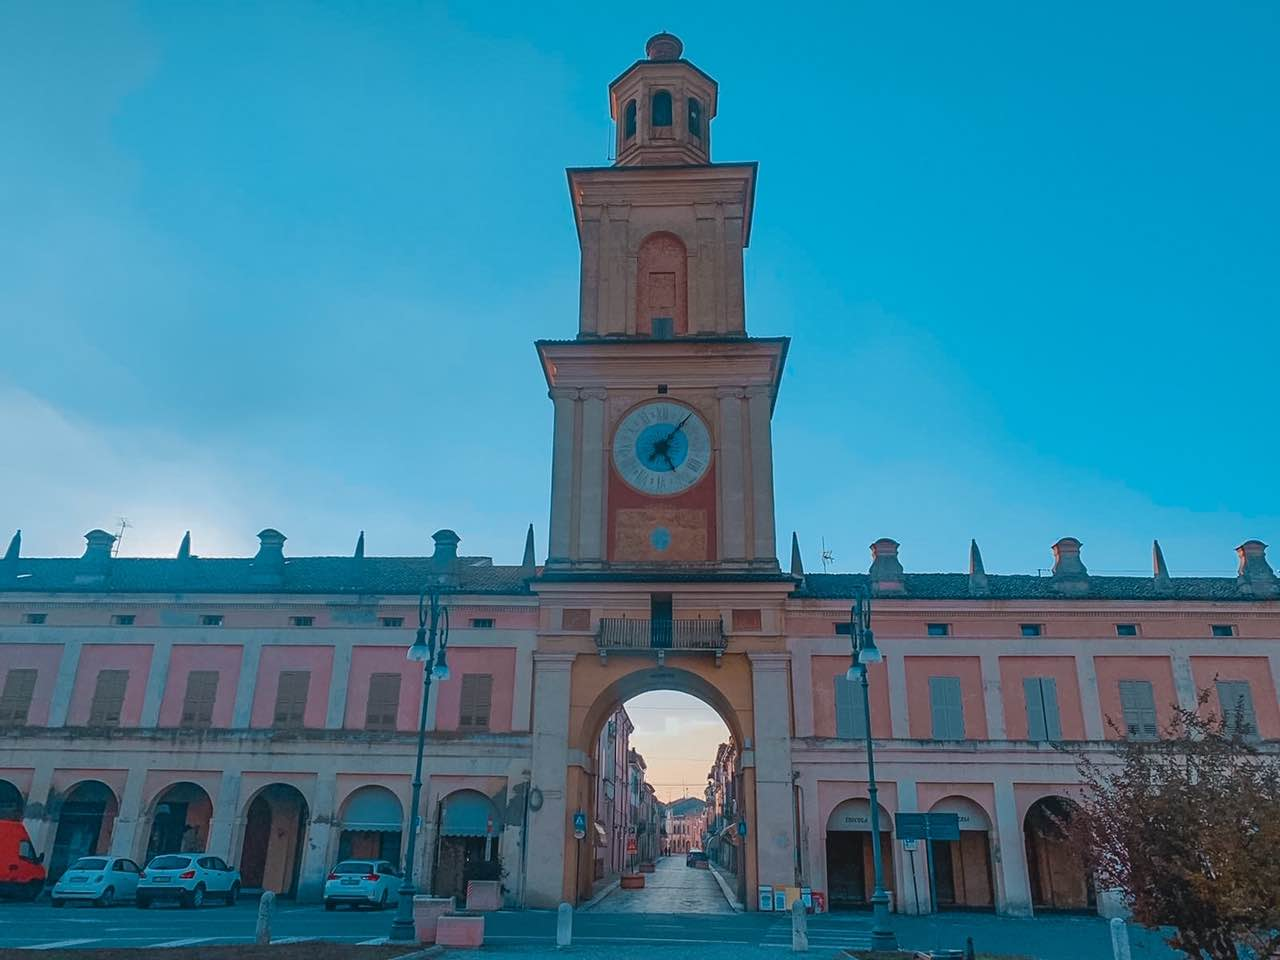 cosa vedere nei dintorni di Reggio Emilia